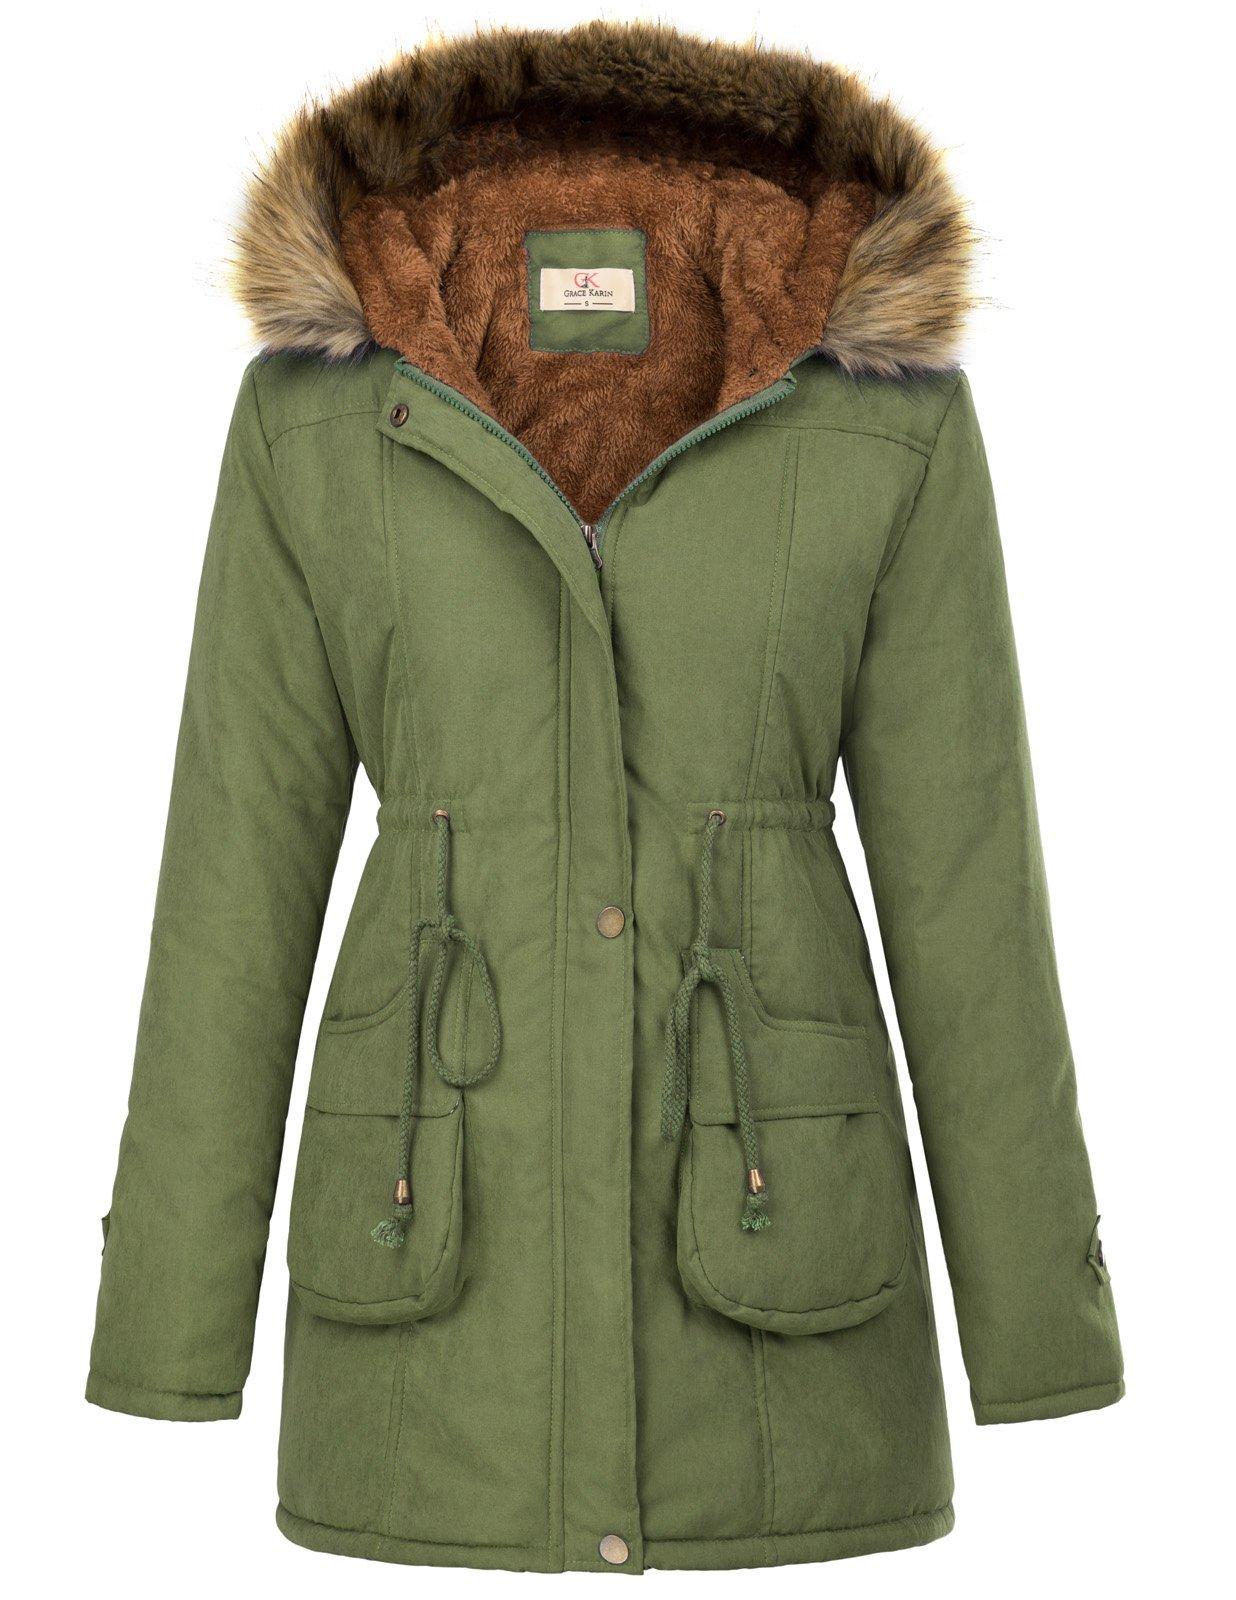 GRACE KARIN Women's Winter Thicken Jacket Hooded Parka Outwear XL Army Green by GRACE KARIN